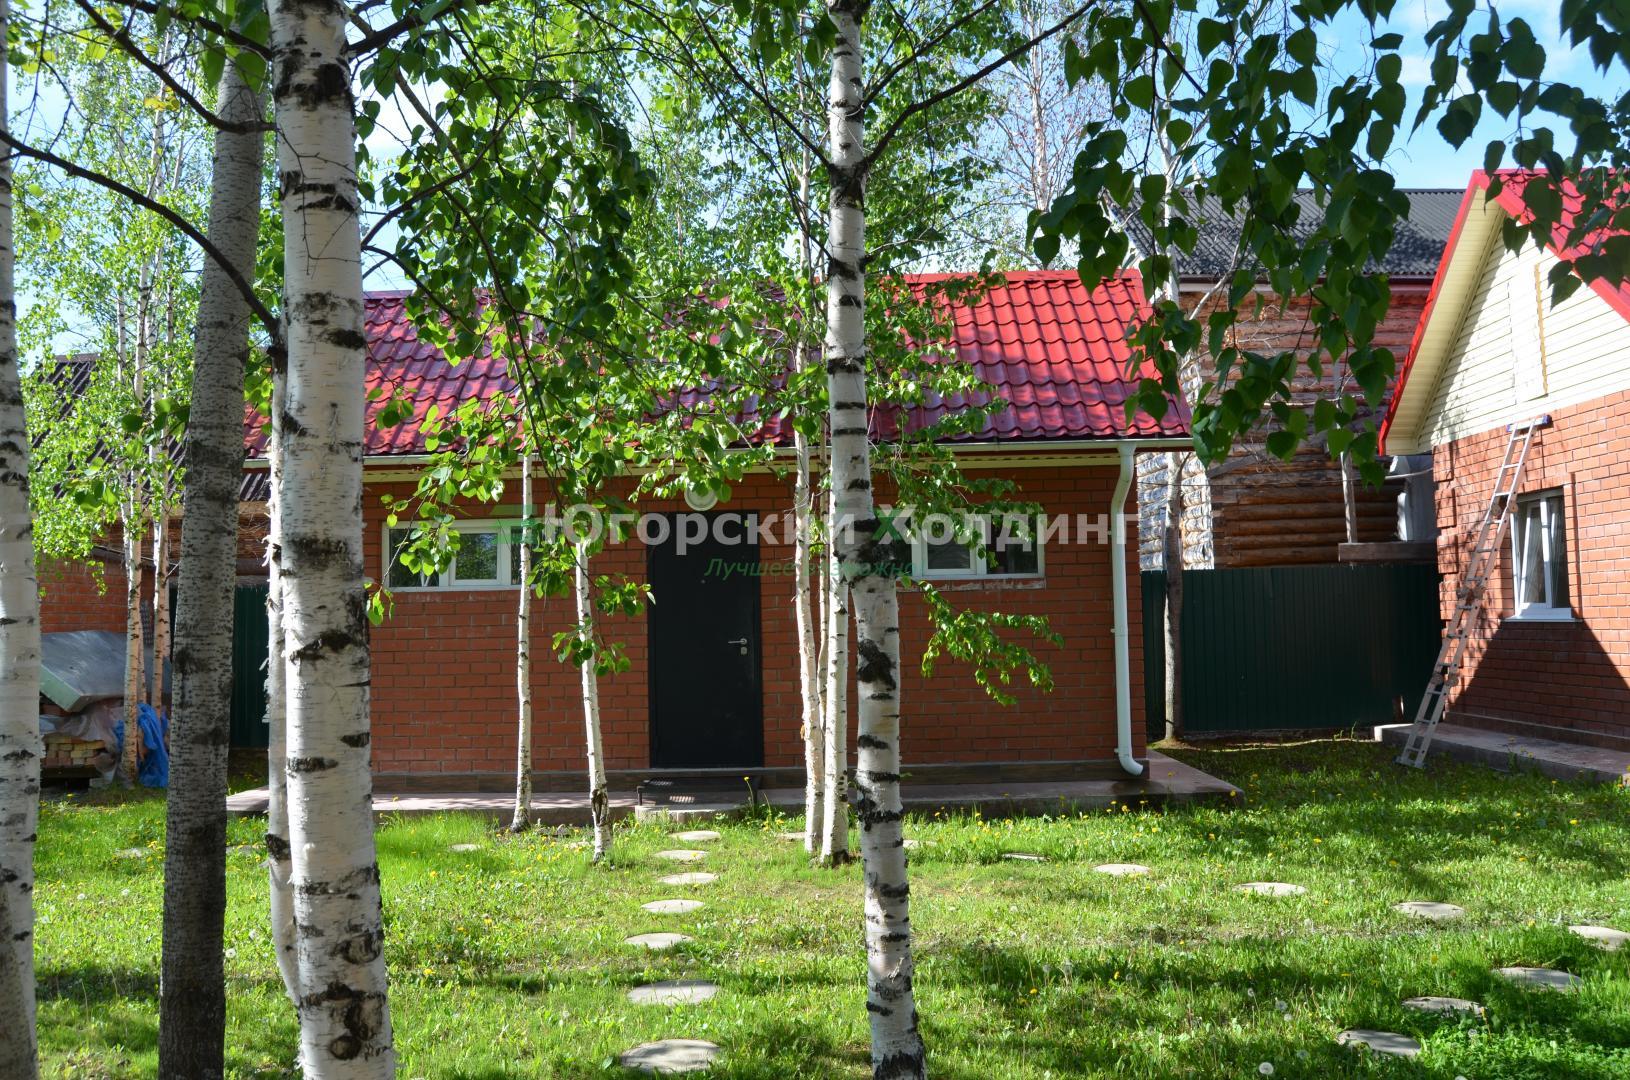 Дача на продажу по адресу Россия, Тюменская область, Ханты-Мансийский автономный округ, Сургут, садовое товарищество Кедровый